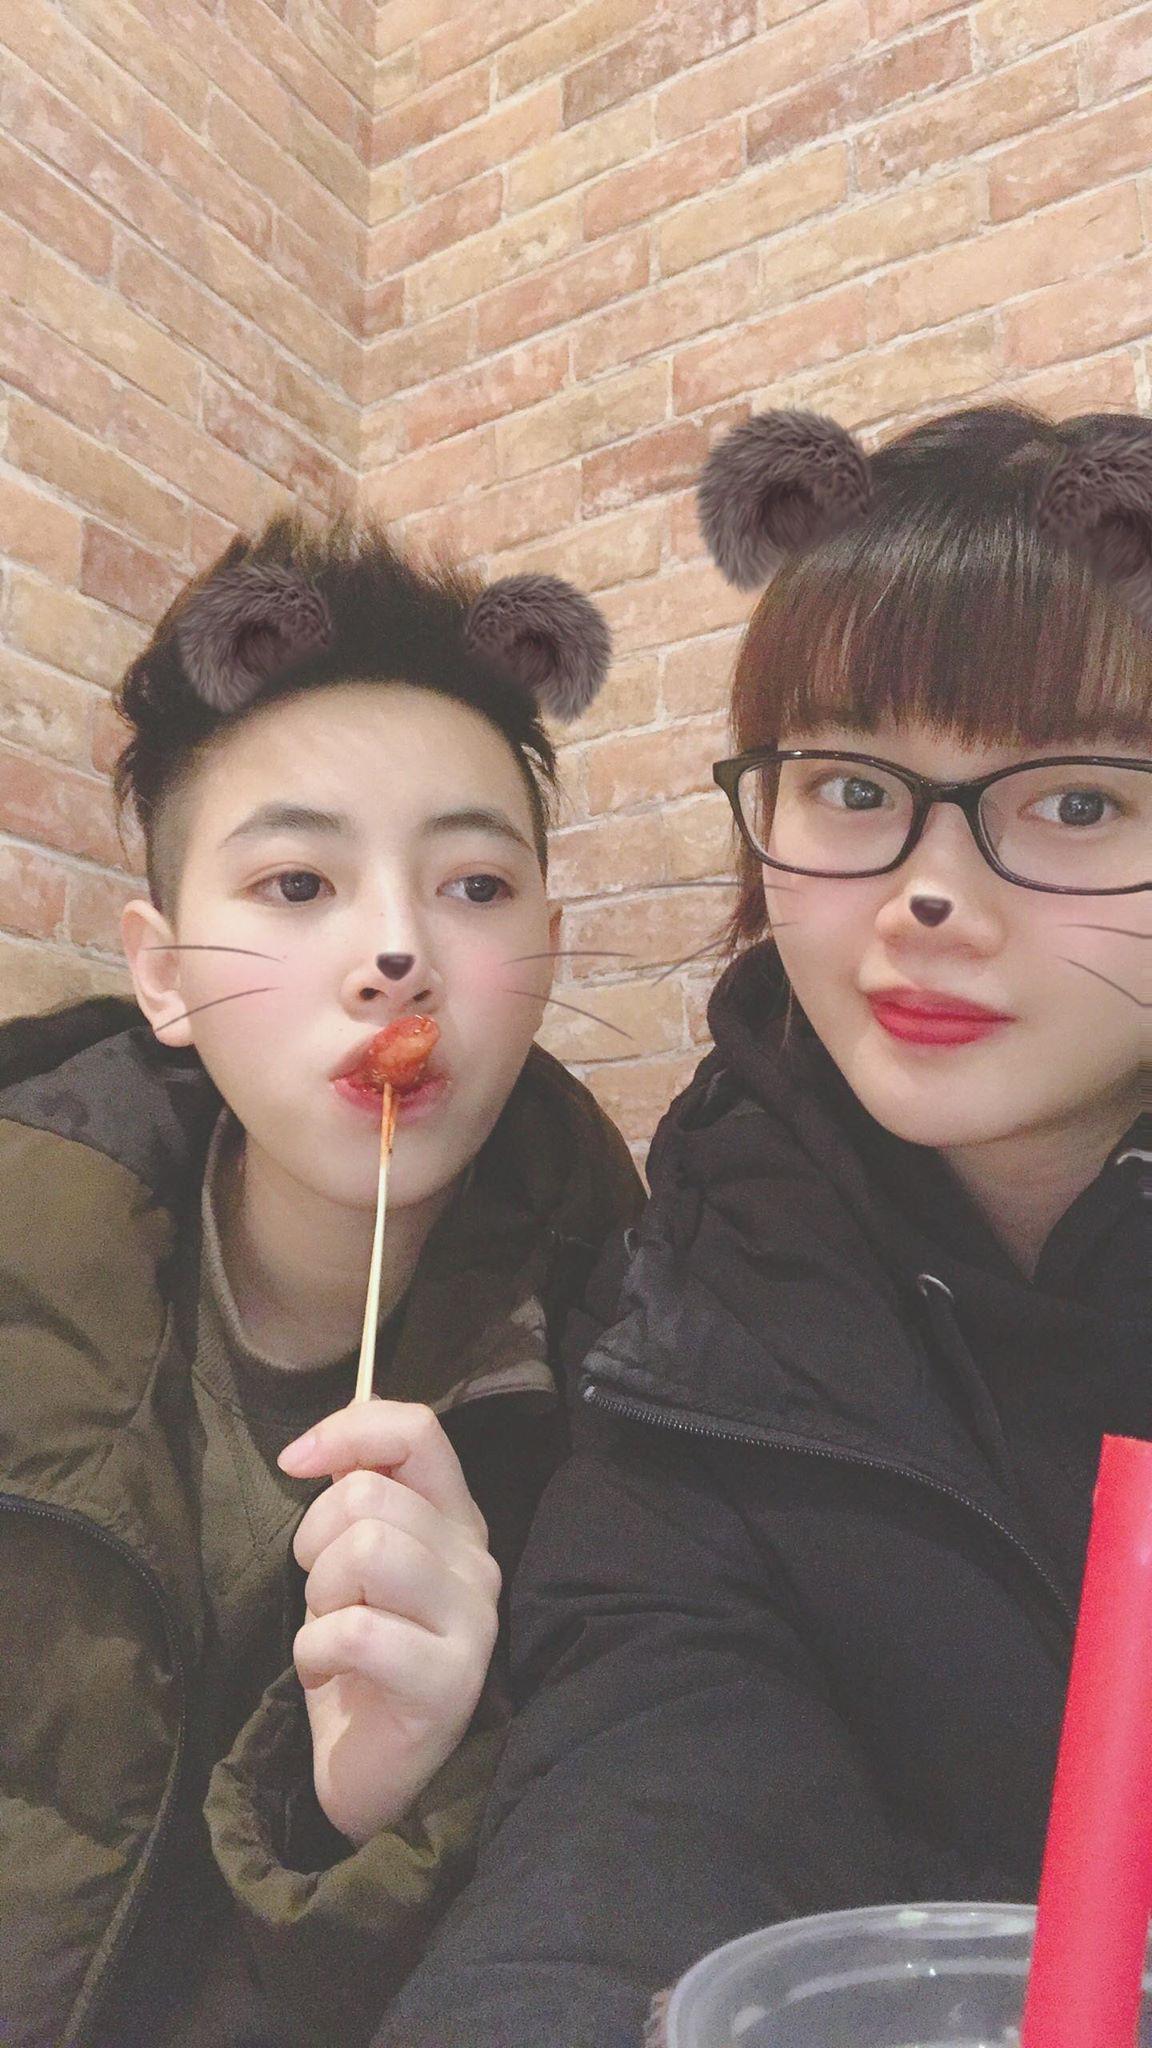 Chuyện tình của cặp đồng tính nữ người Việt tại Nhật: Tình duyên đã đưa chúng tôi đến với nhau ở đất khách - Ảnh 5.